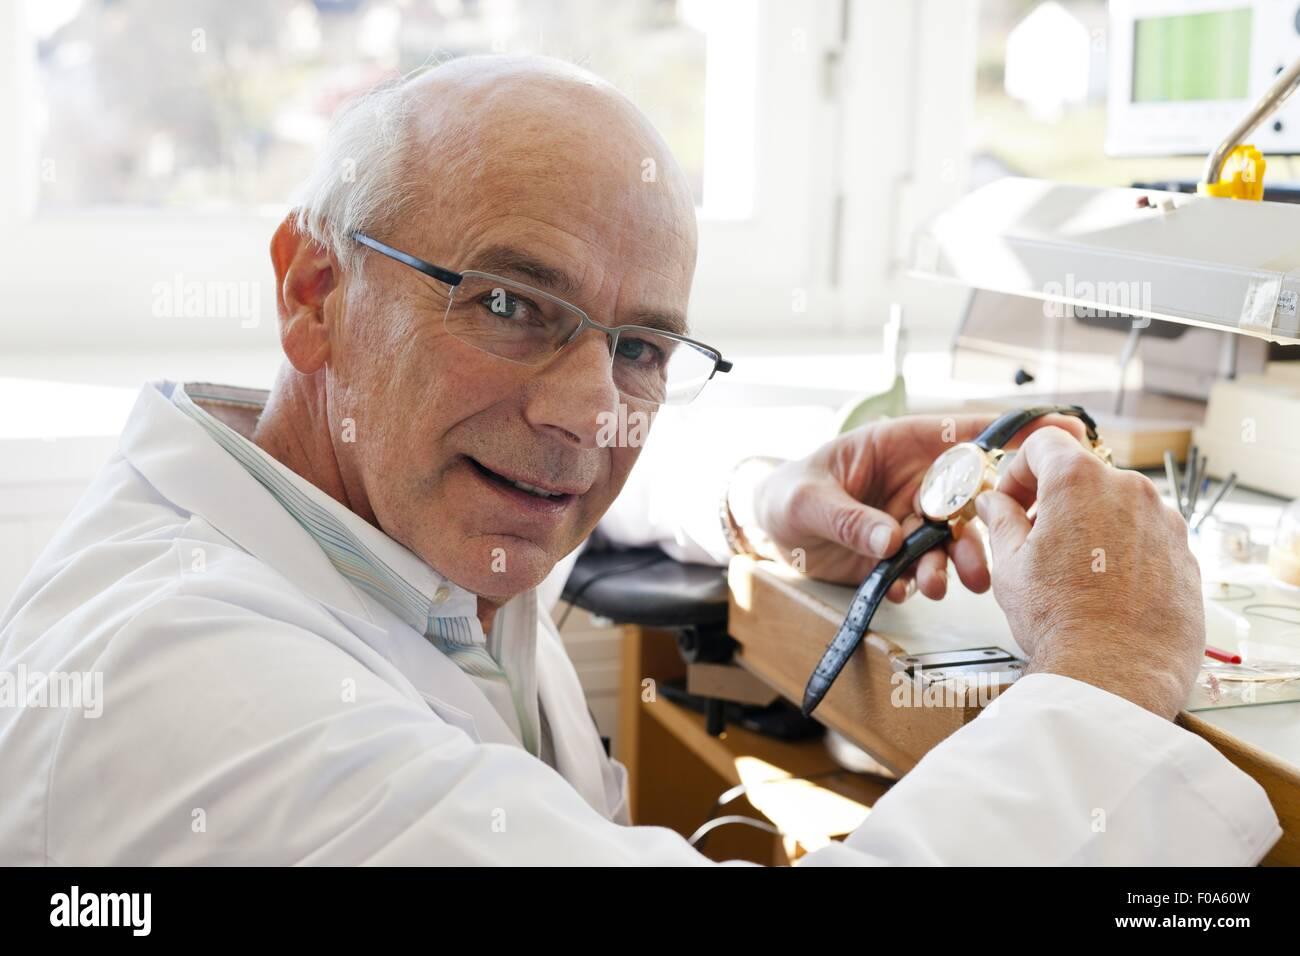 Senior man repairing a watch, Le sentier, Vallee de Joux, Switzerland - Stock Image